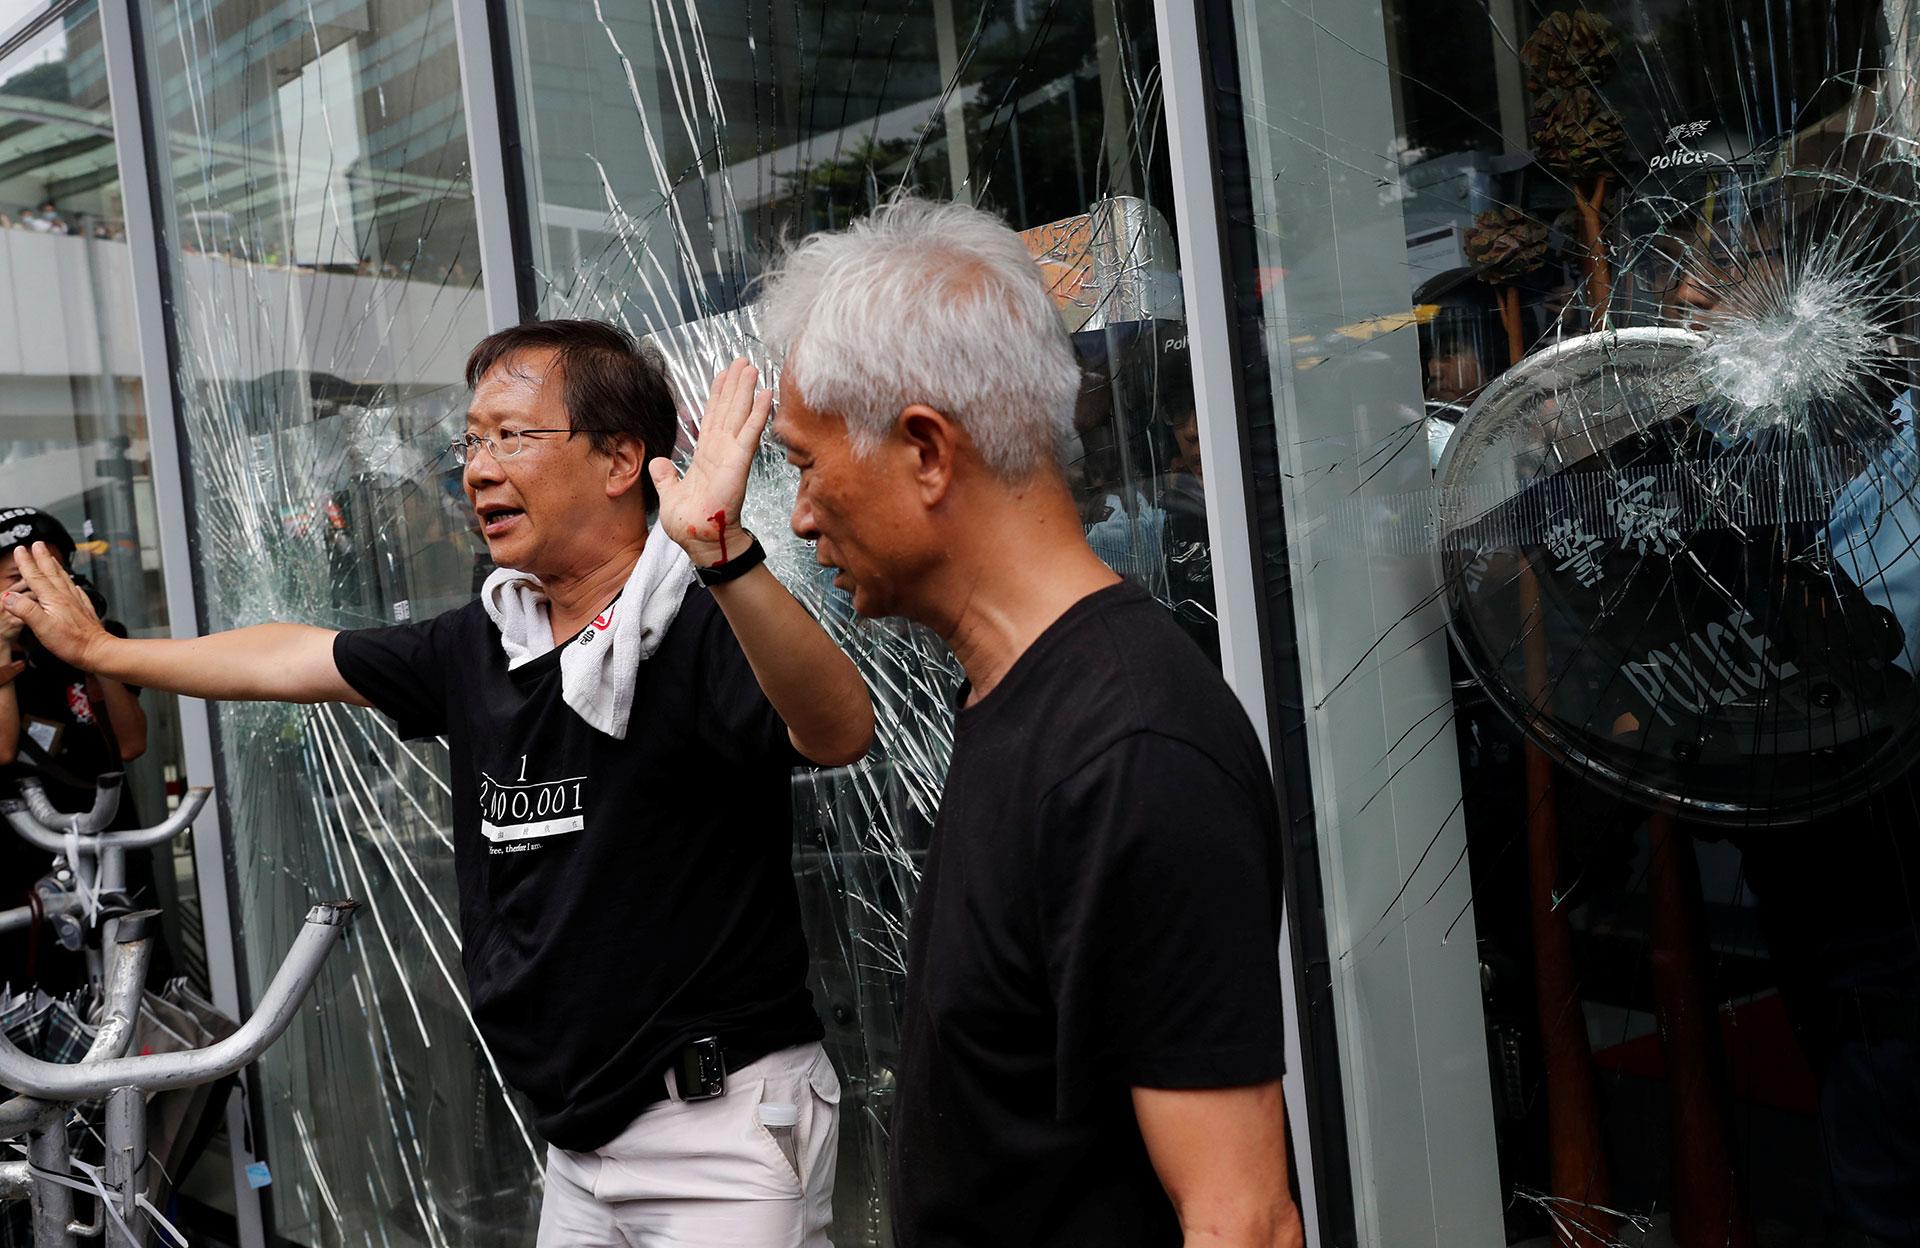 Los legisladores Kwok Ka-ki y Leung Yiu-chung intentan calmar a los manifestantes mientras estos intentan ingresar al edificio del Consejo Legislativo (Reuters / Tyrone Siu)